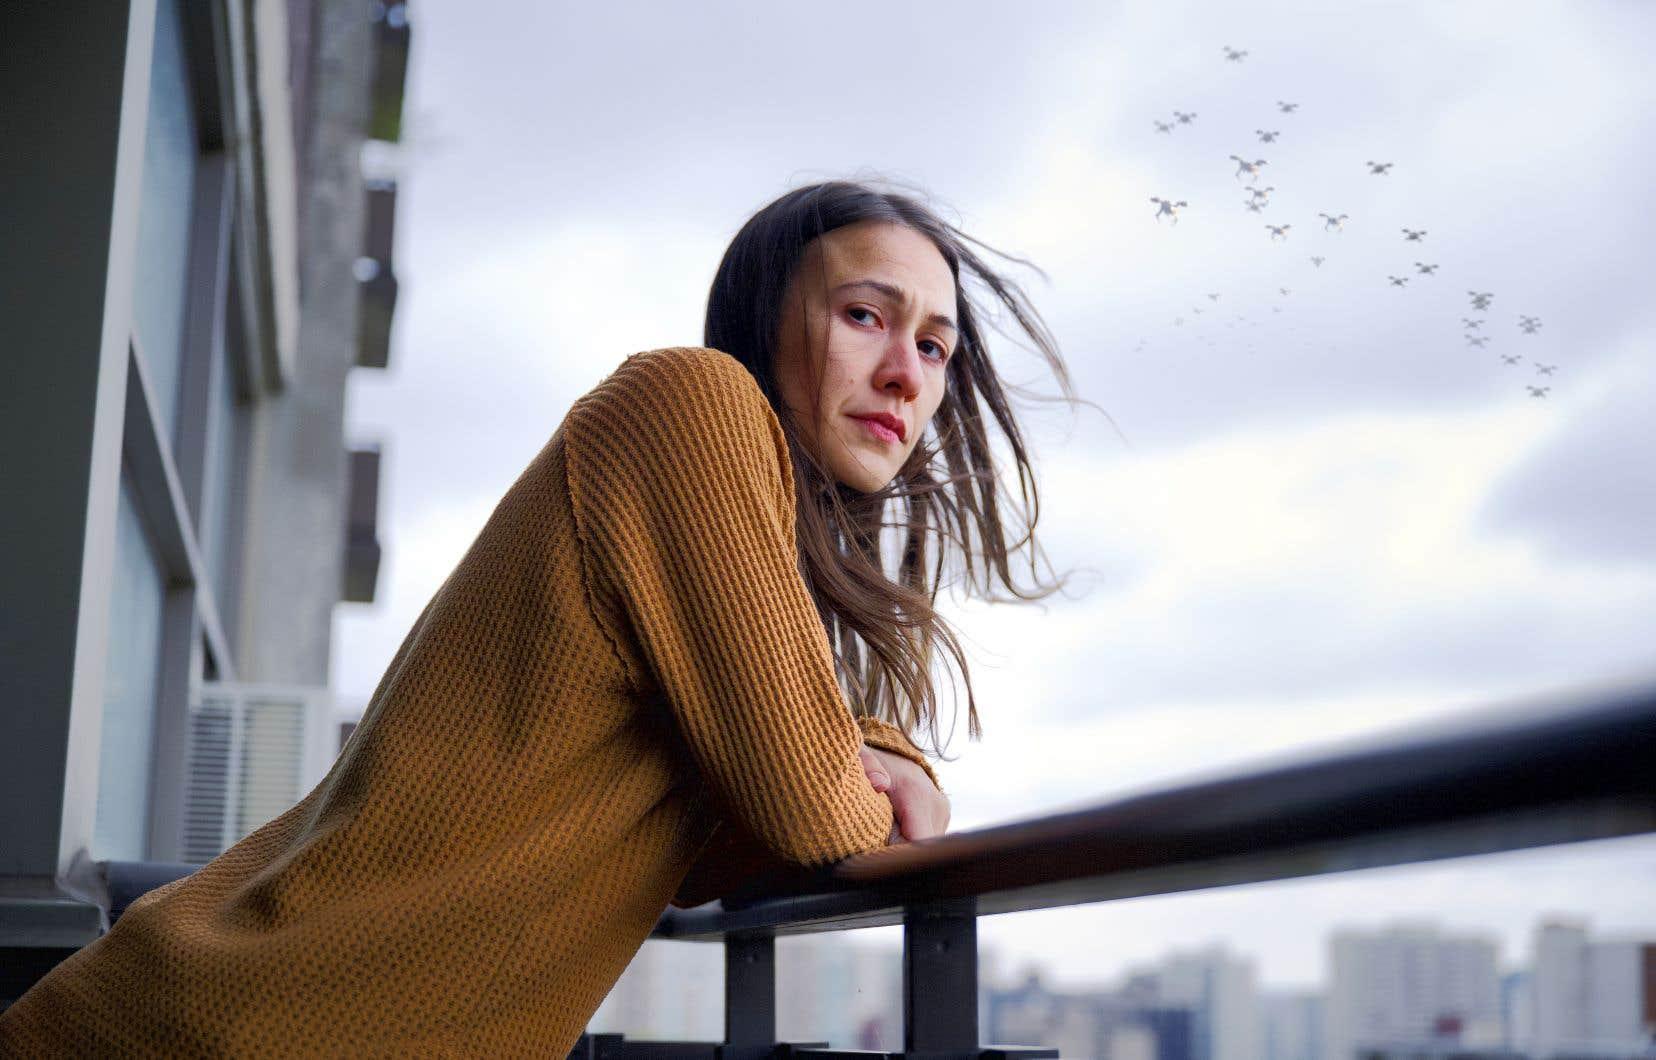 Elle-Maija Tailfeathers joue le rôle d'une mère crie essayant de retrouver sa fille dans le thriller «Night Raiders», de la Canadienne d'origine crie Danis Goulet, un des films du volet canadien à surveiller lors de cette édition.